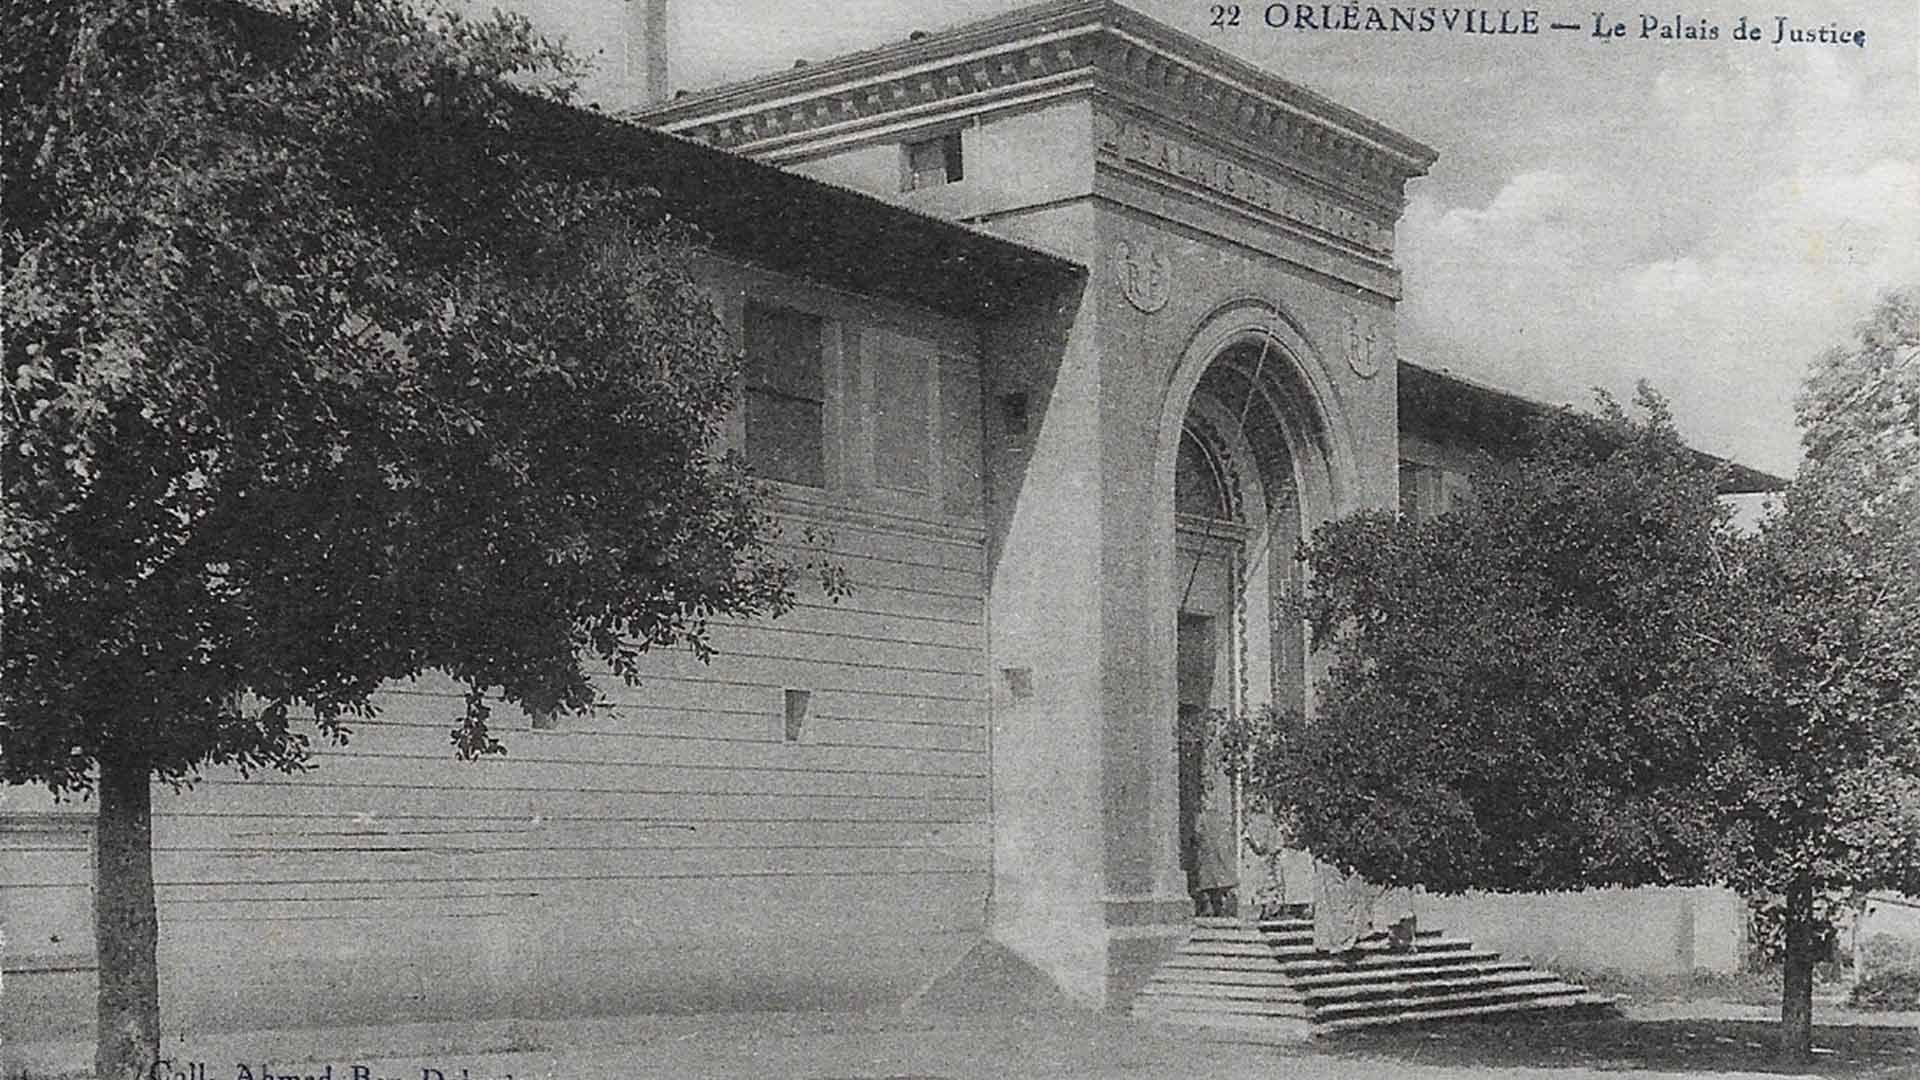 Orleansville-palais-de-justice